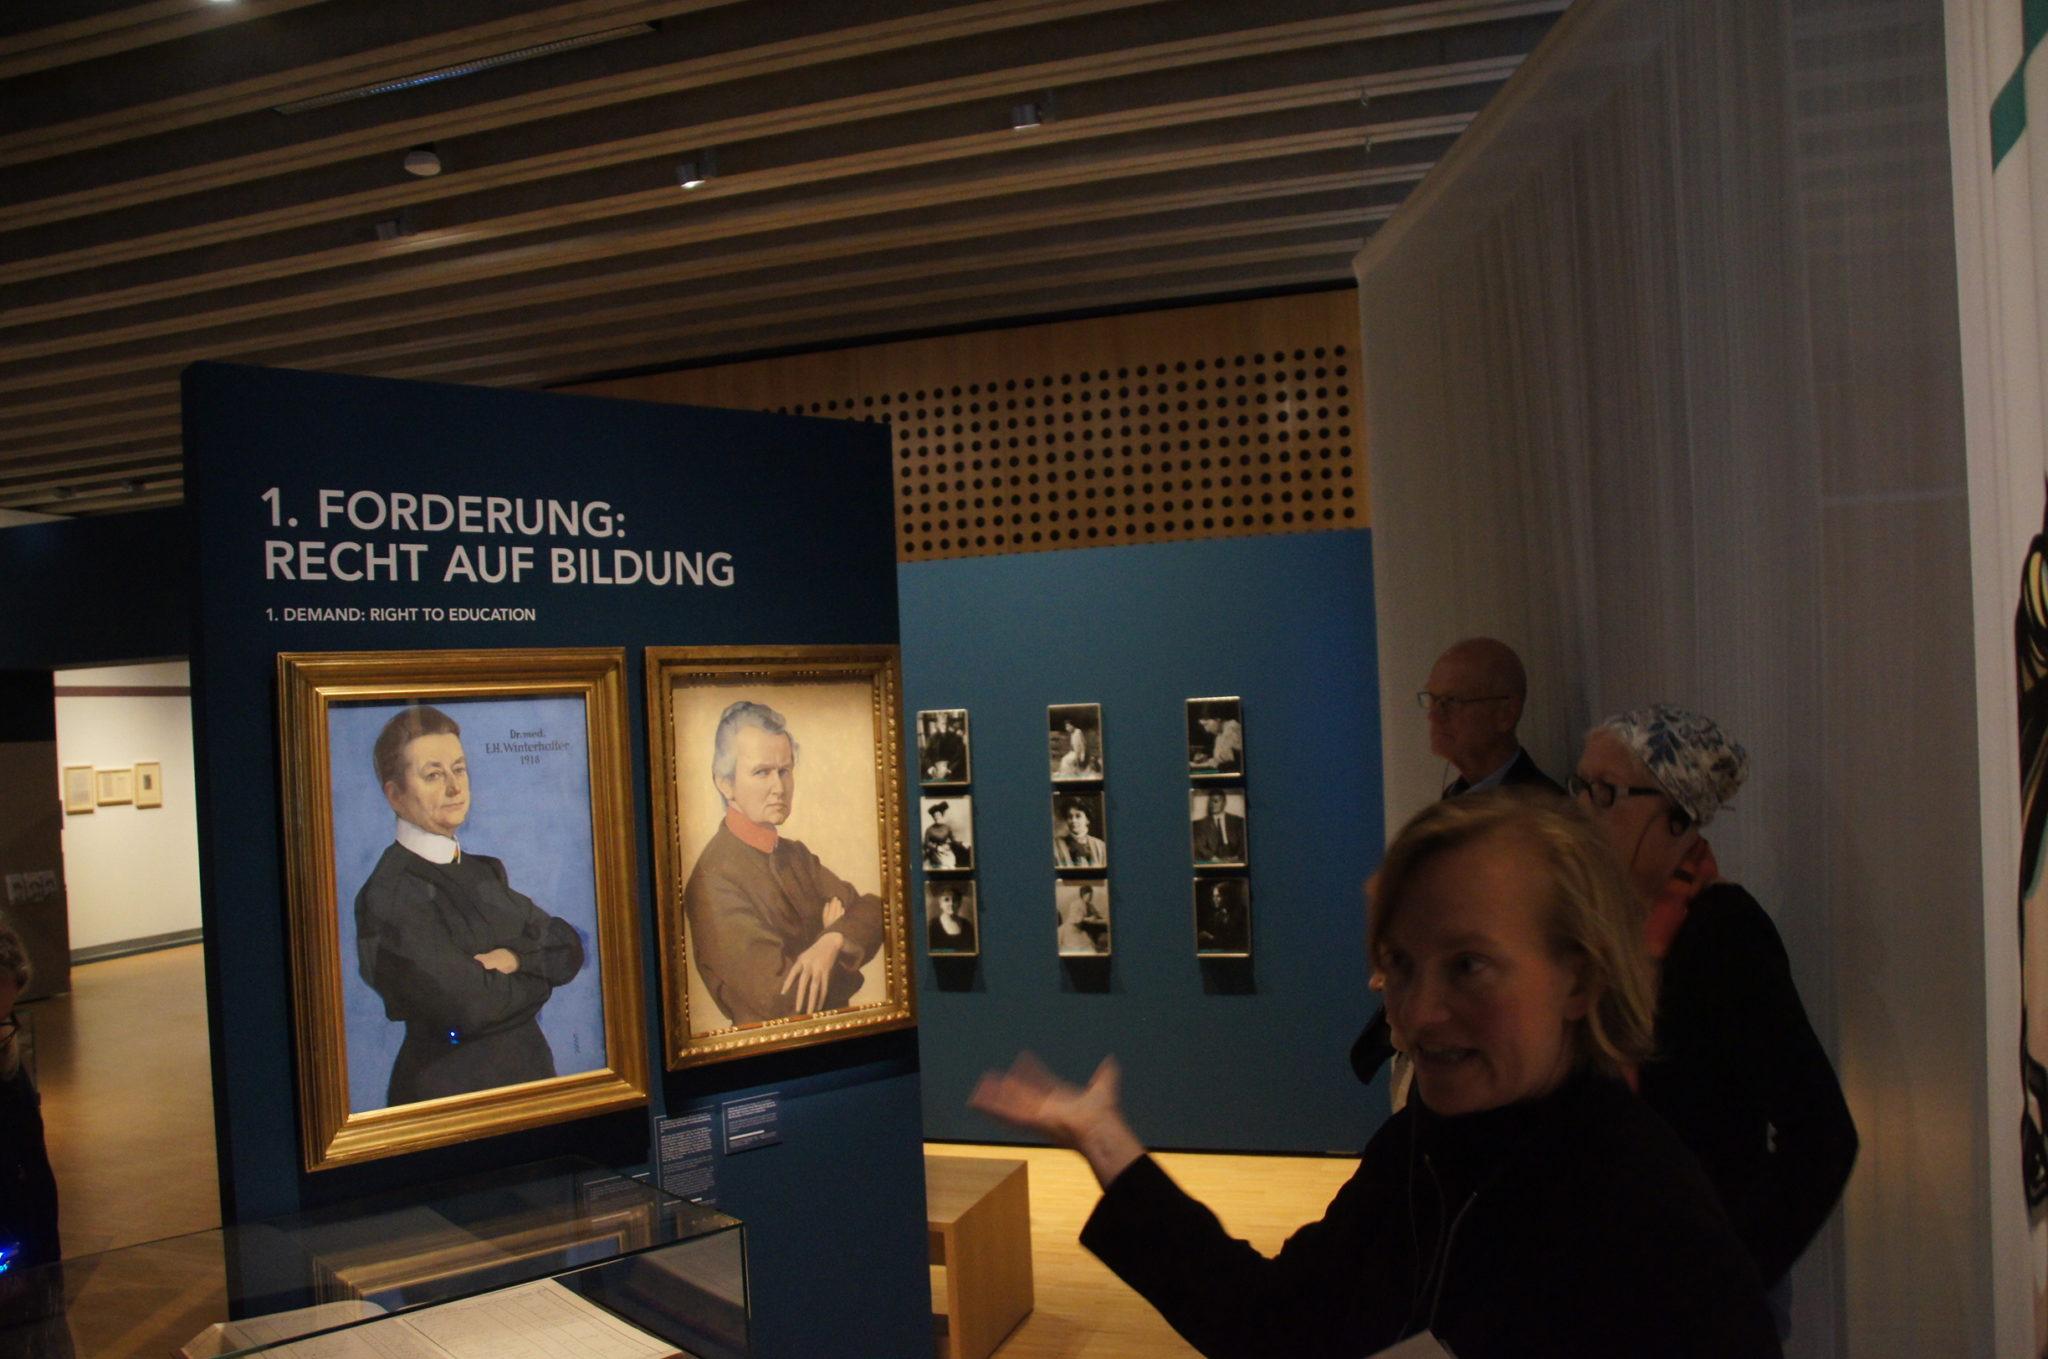 Blick auf zwei gemälde in der Ausstellung